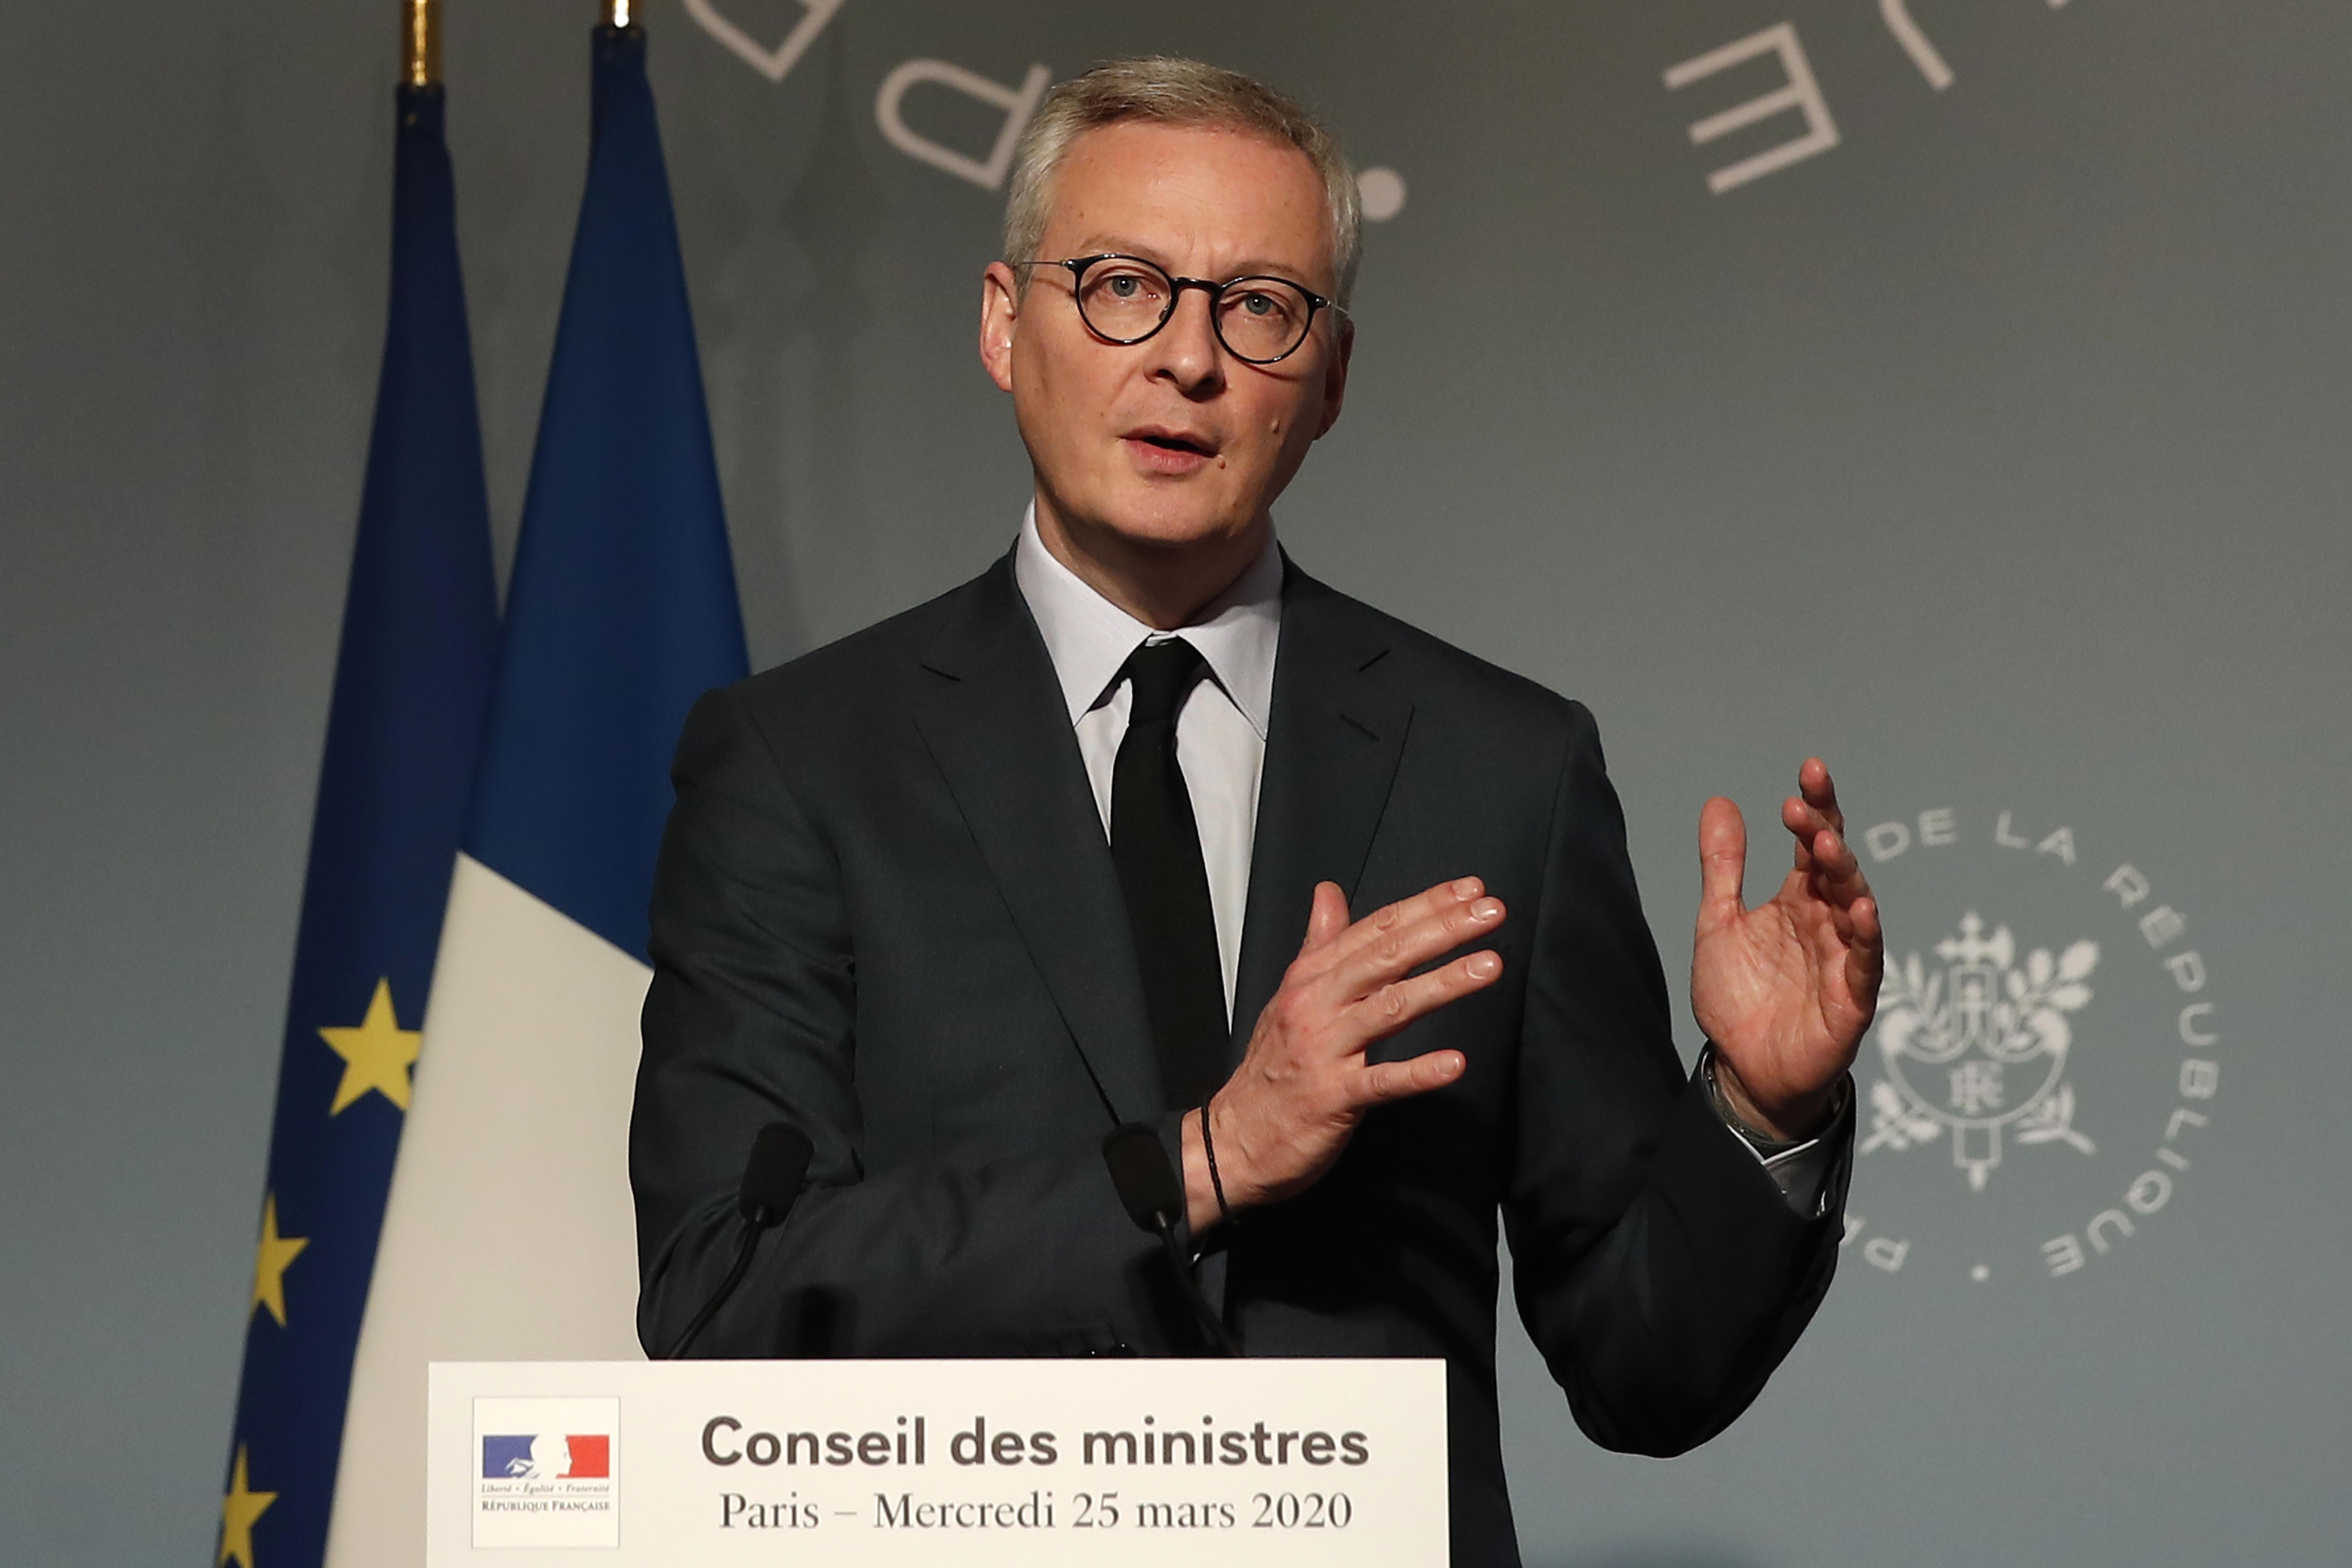 A második világháború óta nem látott gazdasági visszaeséssel számol a francia pénzügyminiszter